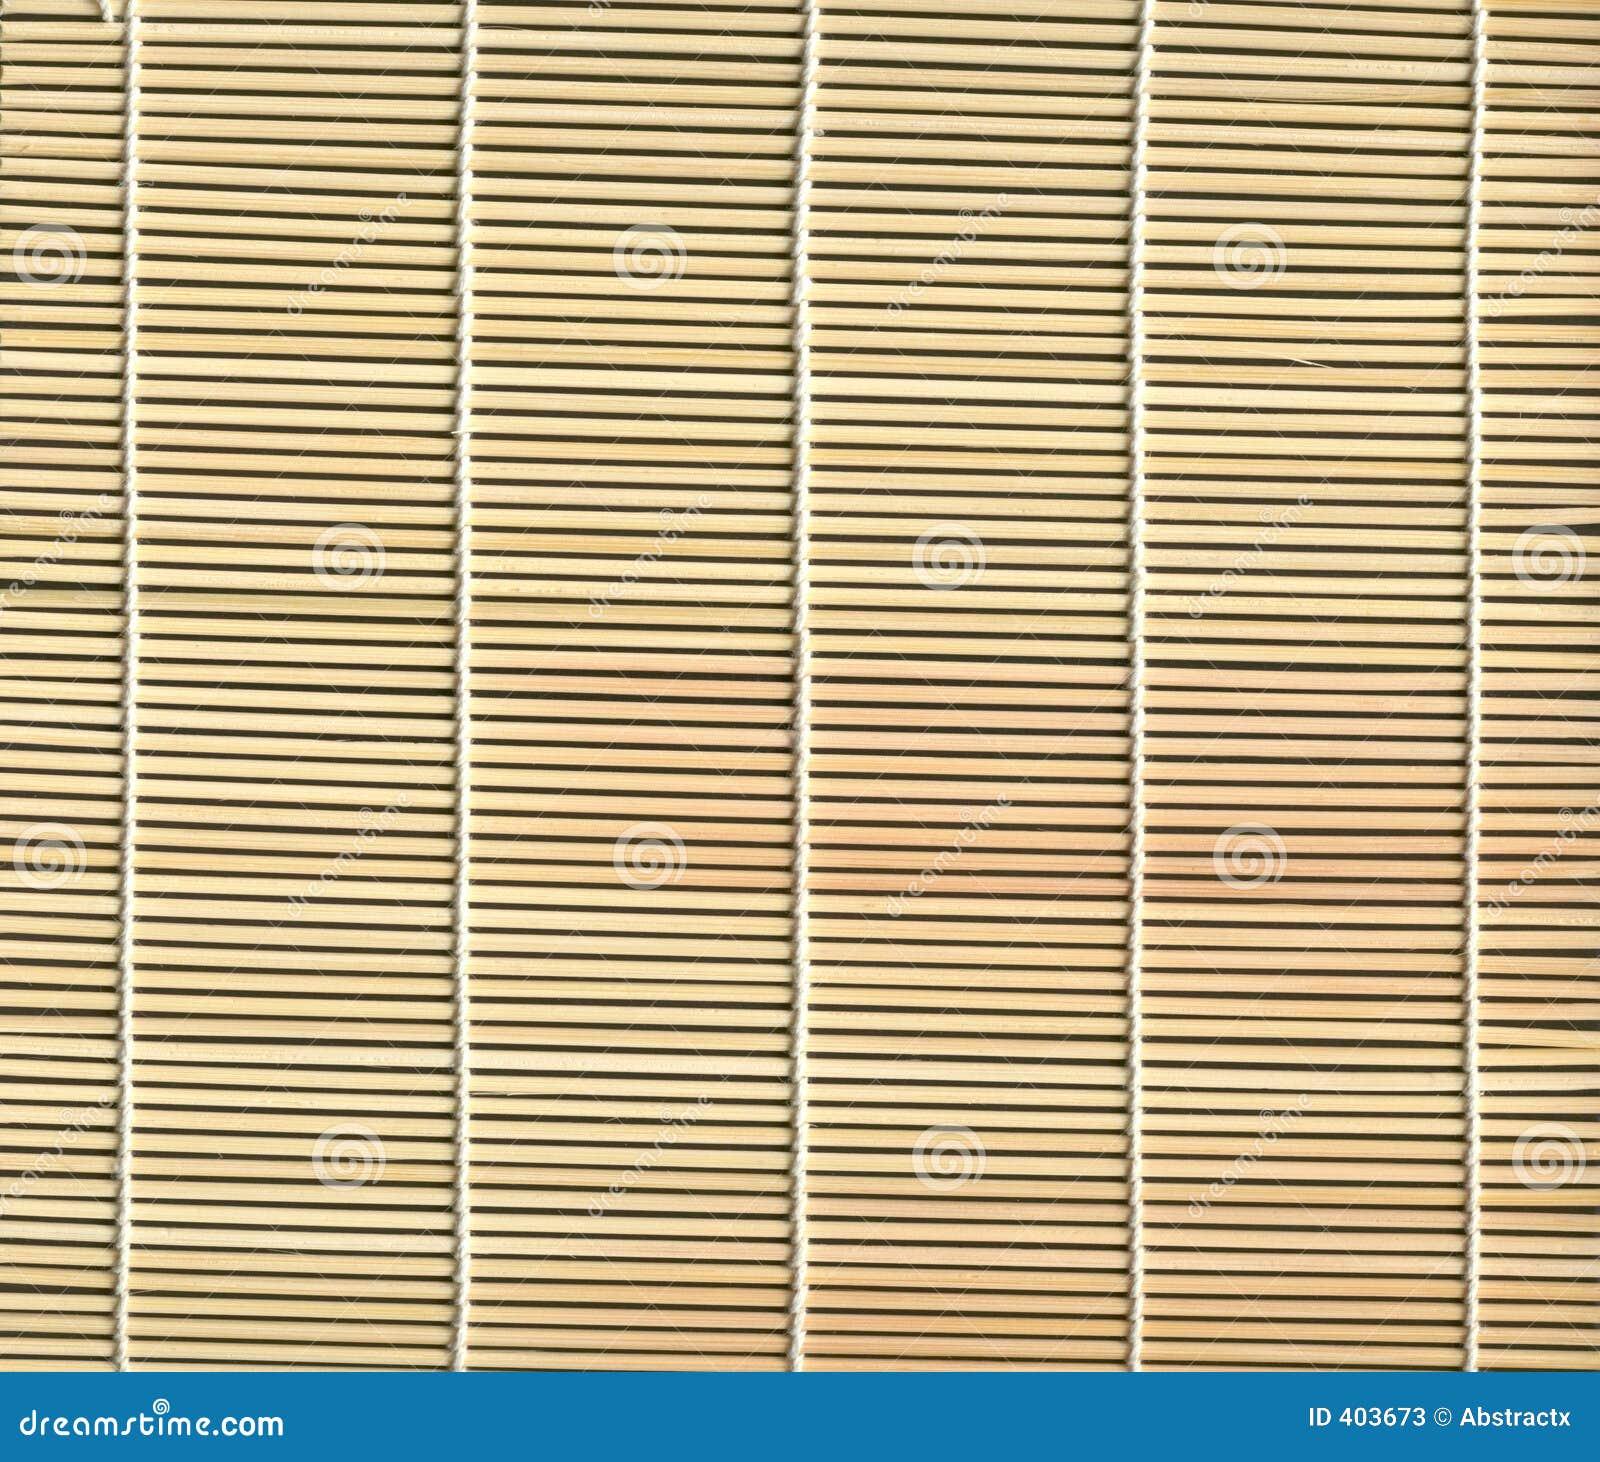 Textura de bambu da esteira